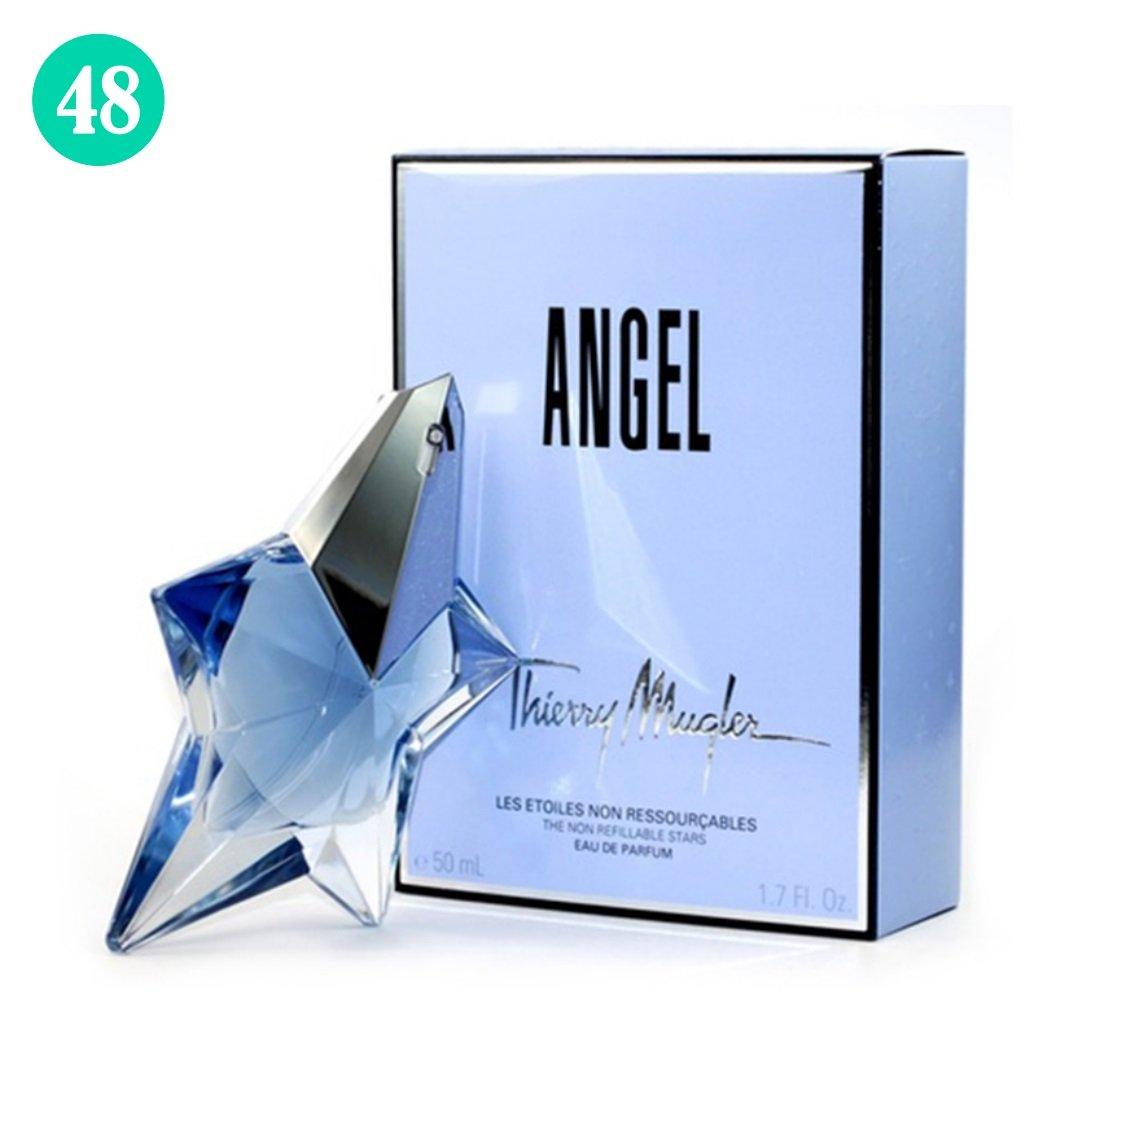 ANGEL - Mugler donna